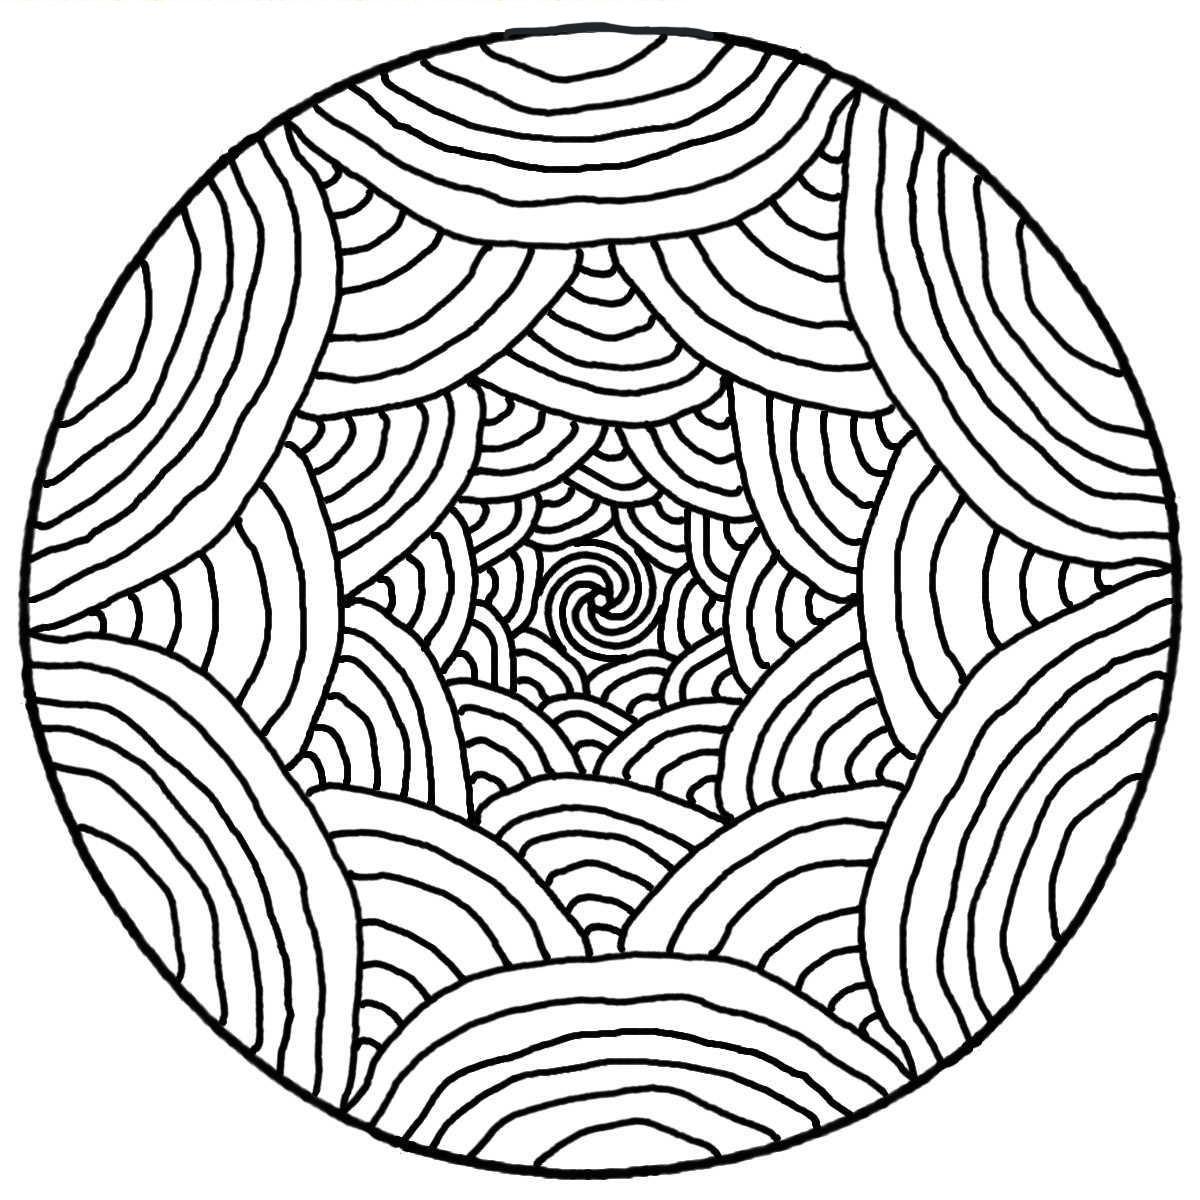 Mandala - Simple Mandalas - 100% Mandalas Zen & Anti-stress